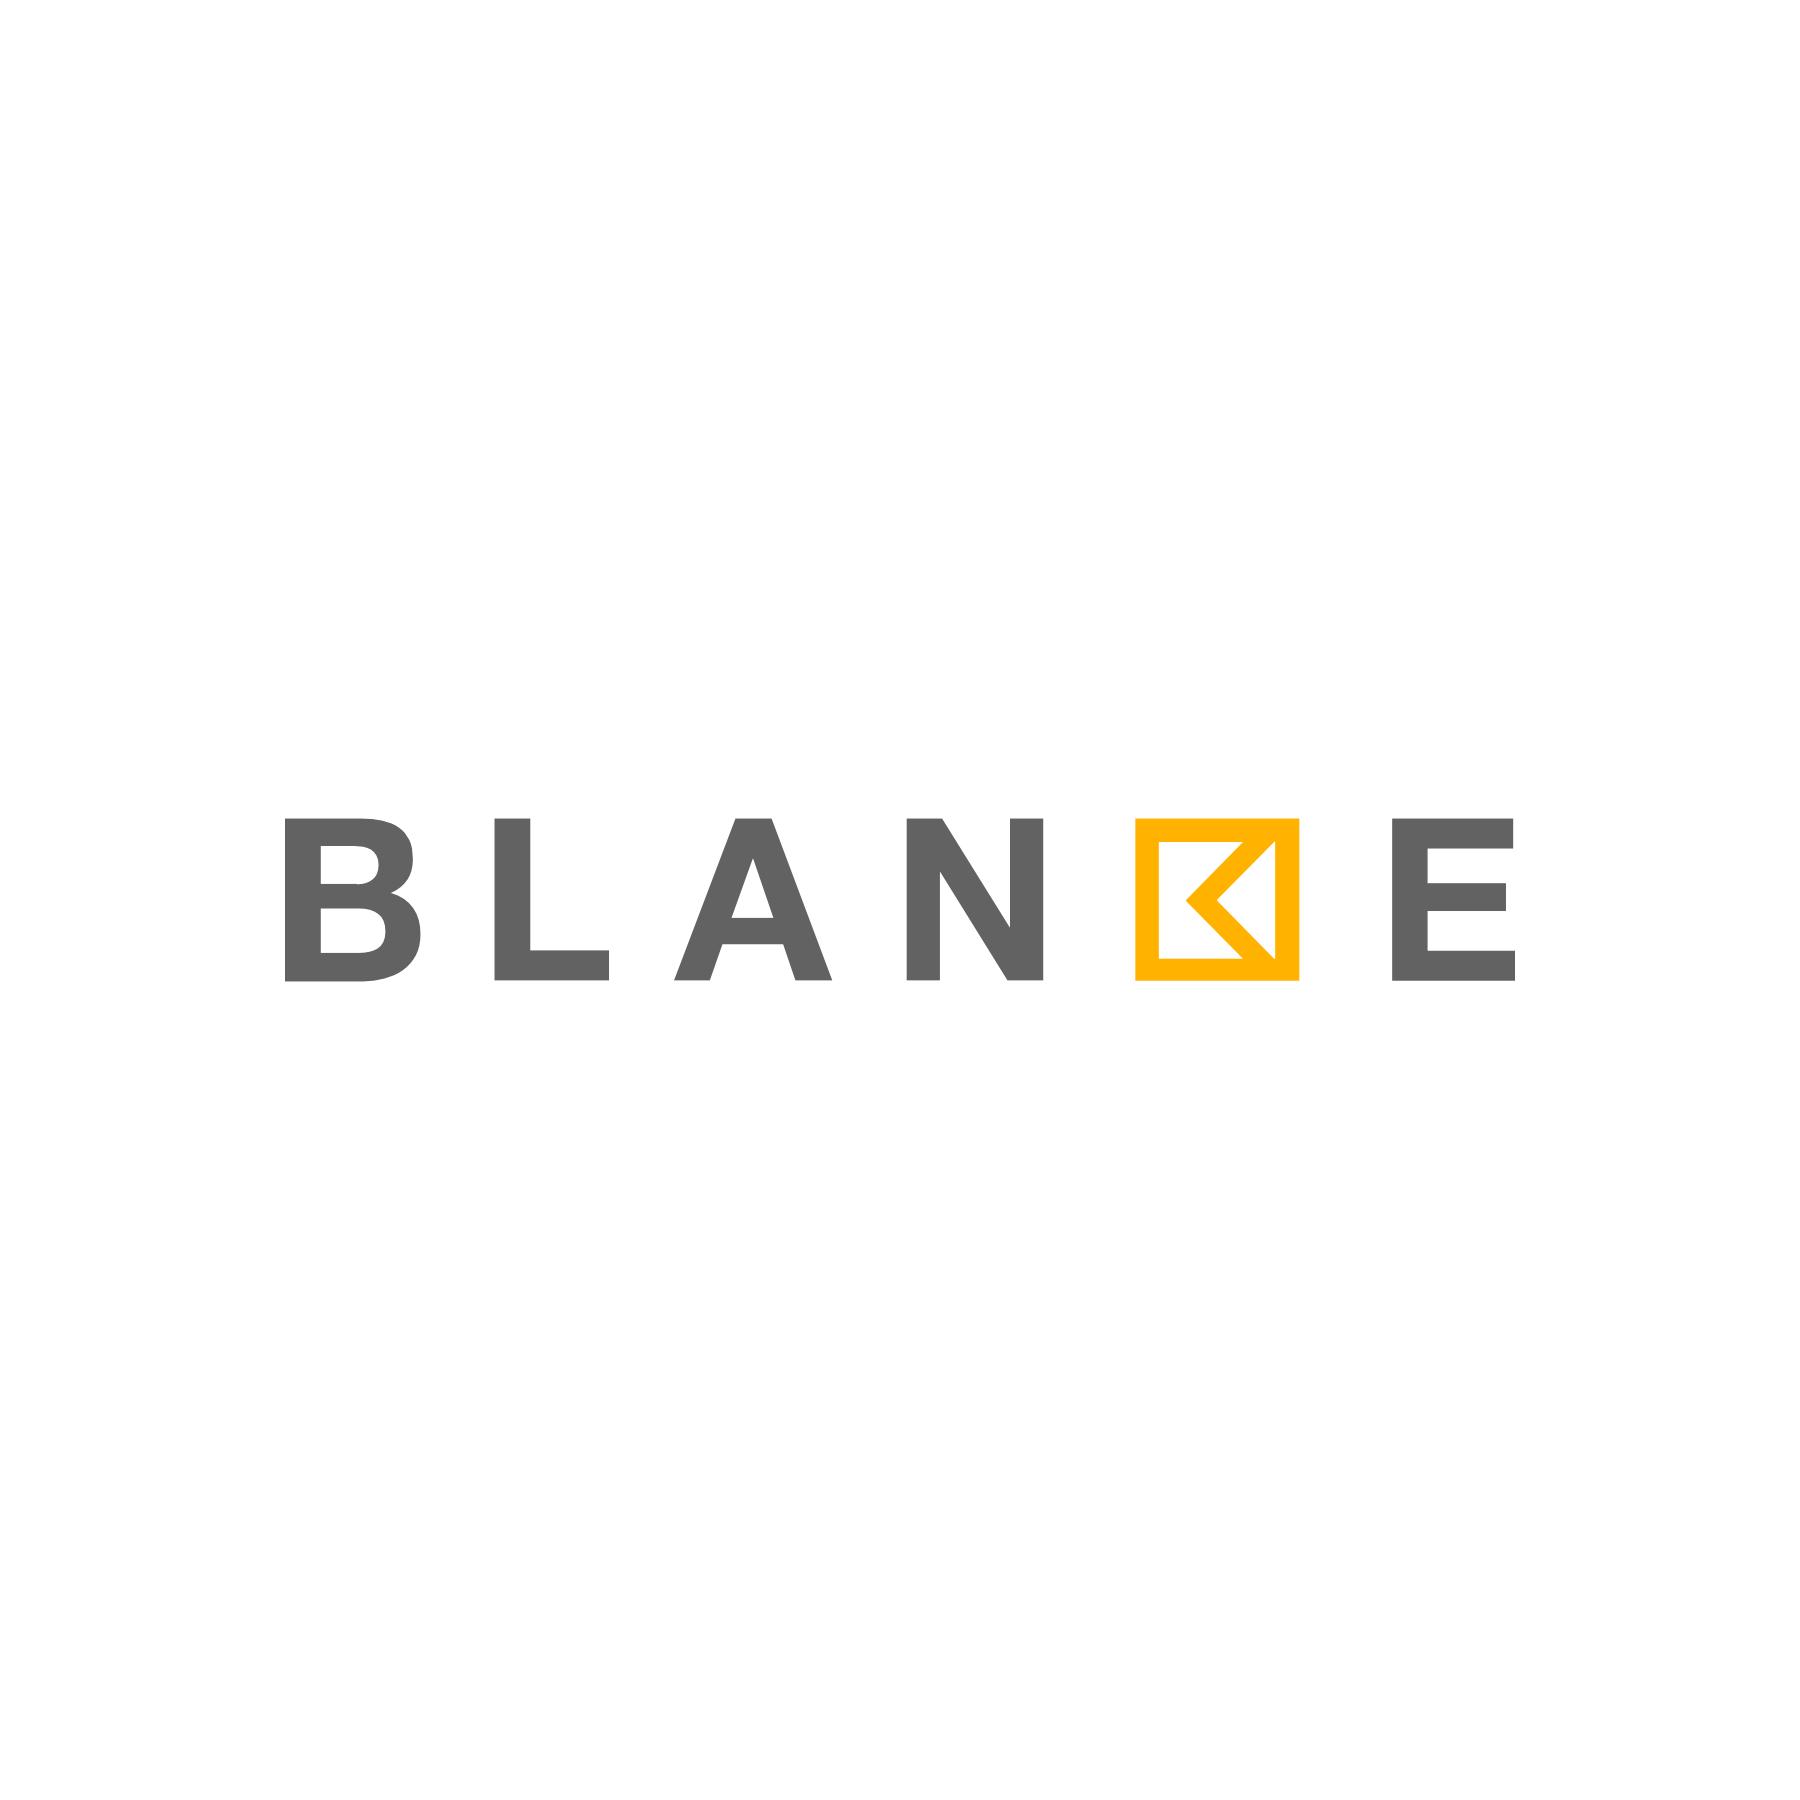 Blanke.png